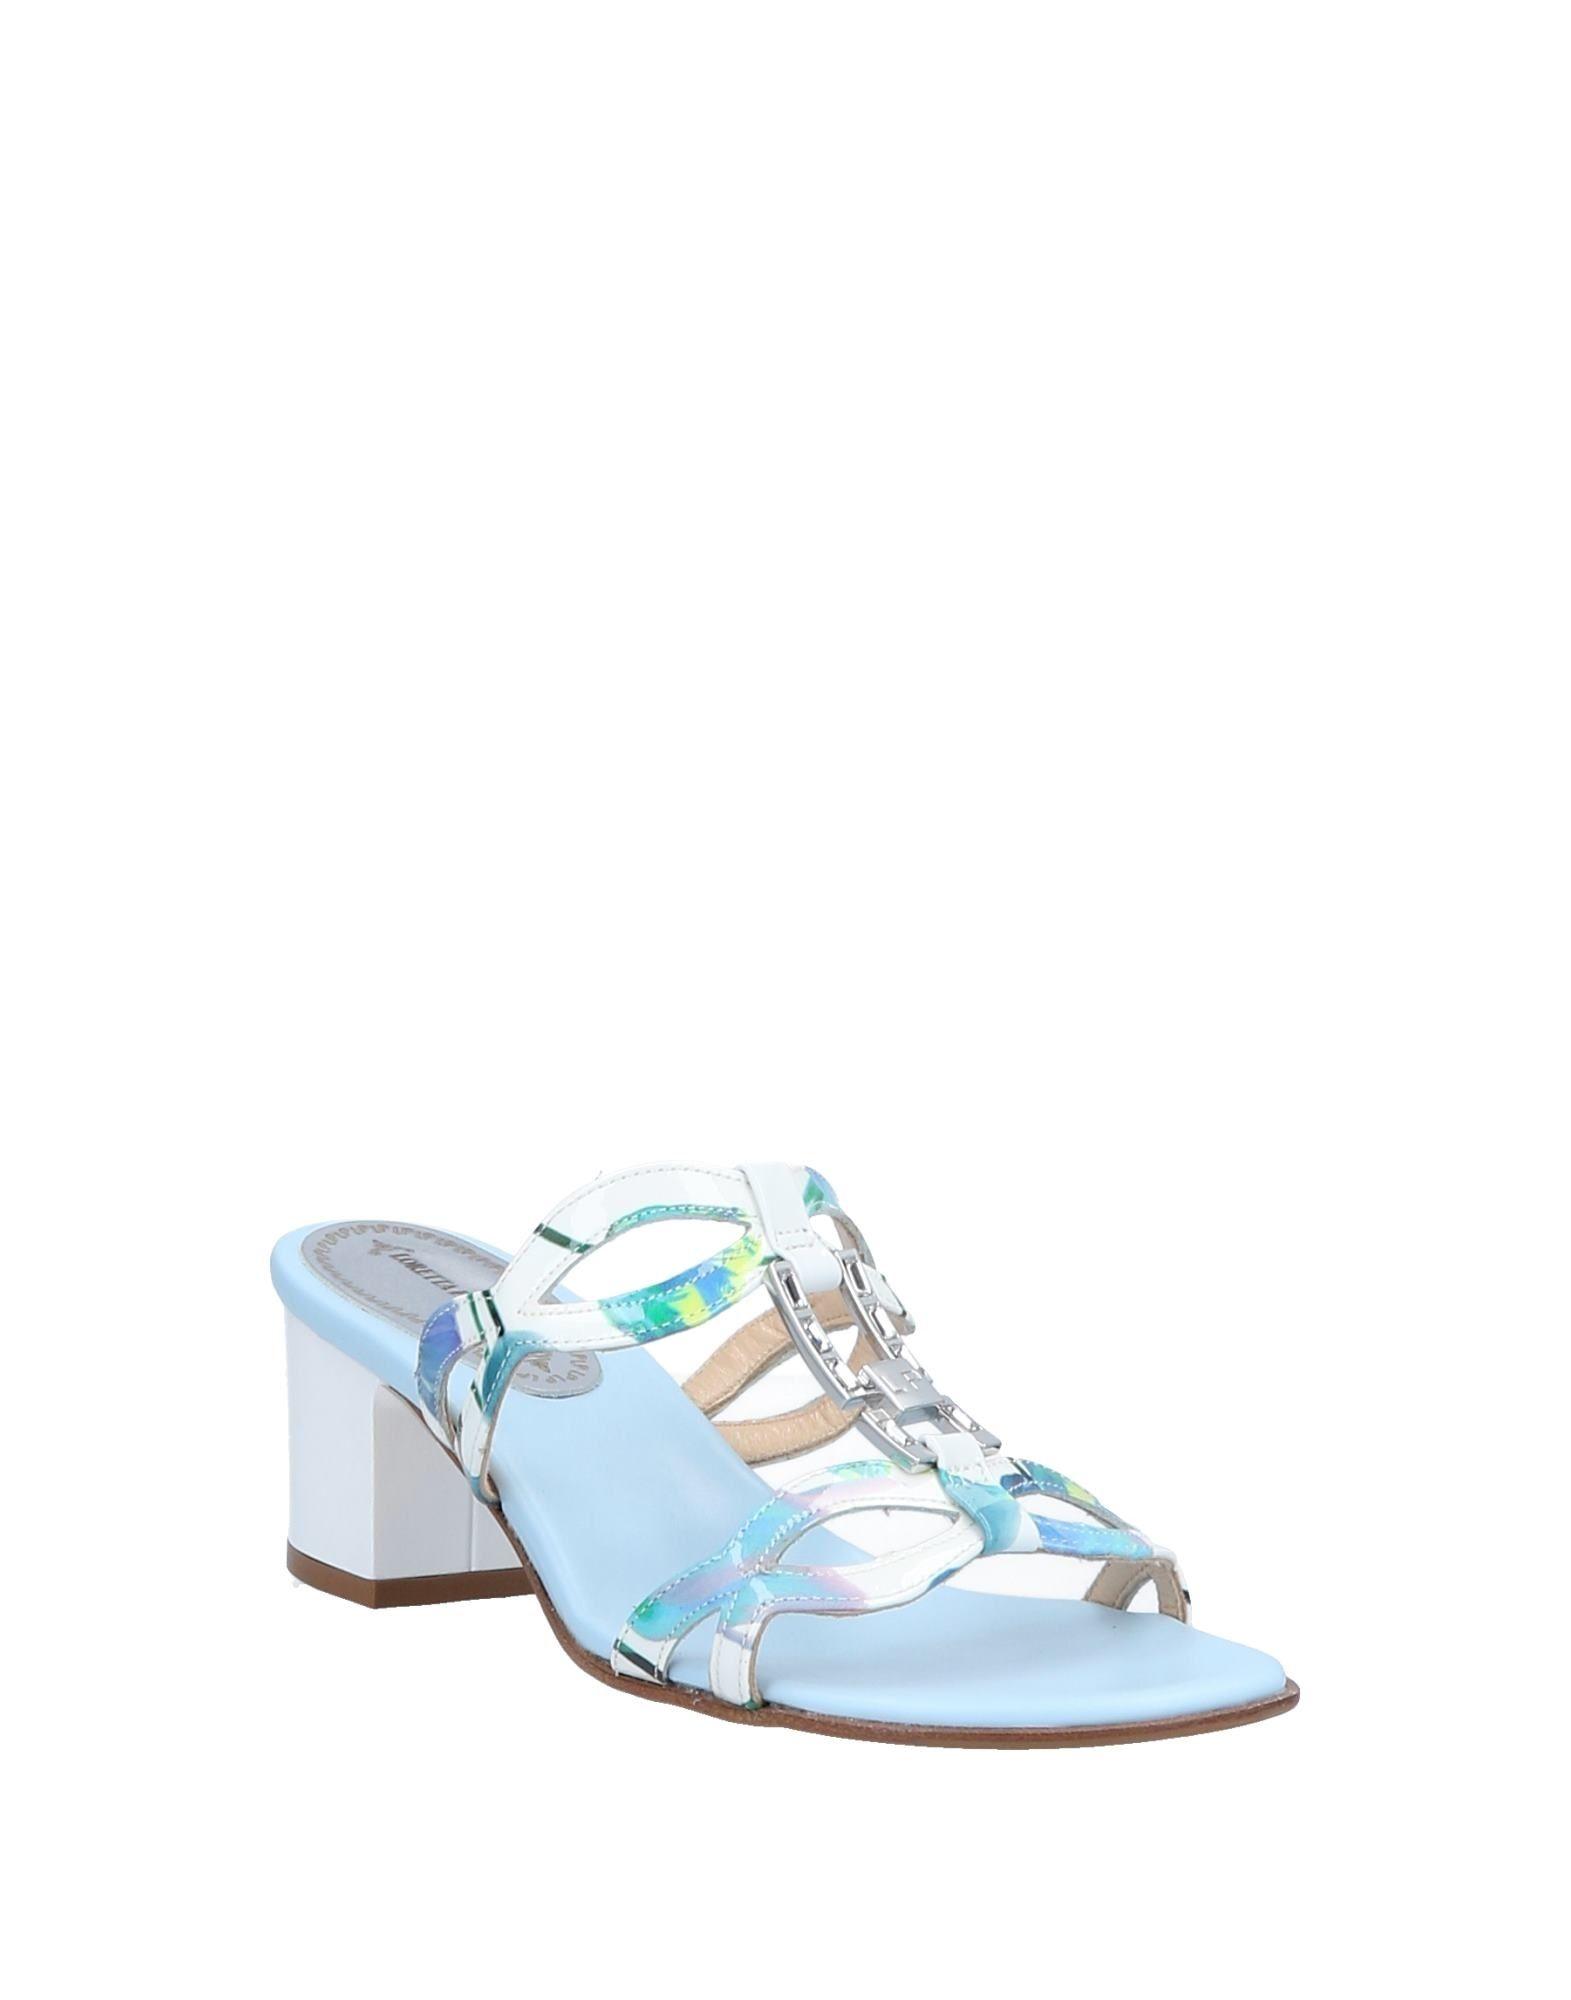 loretta pettinari sandales - femmes loretta pettinari sandales le en ligne le sandales royaume - uni - 11564953ce 9f864d